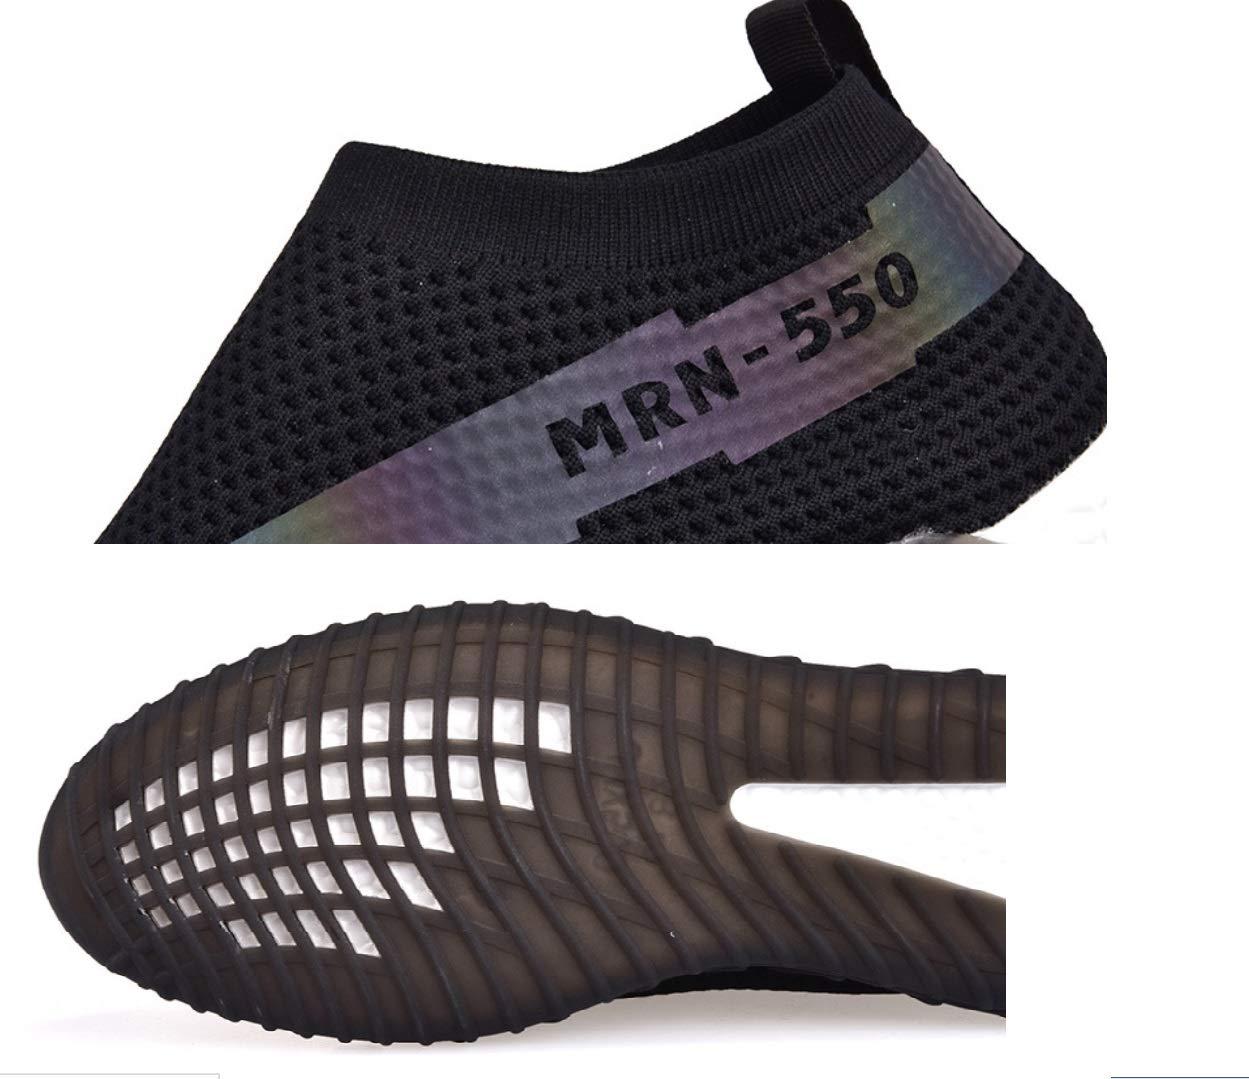 SHANGWU Männer Sportschuhe Fitness Schuhe Leichte Laufschuhe Atmungsaktives Mesh-Mesh Mesh-Mesh Mesh-Mesh Laufendes Skateboard Schuhe Wild Casual Schuhe Wild Faule Schuhe bd89d2